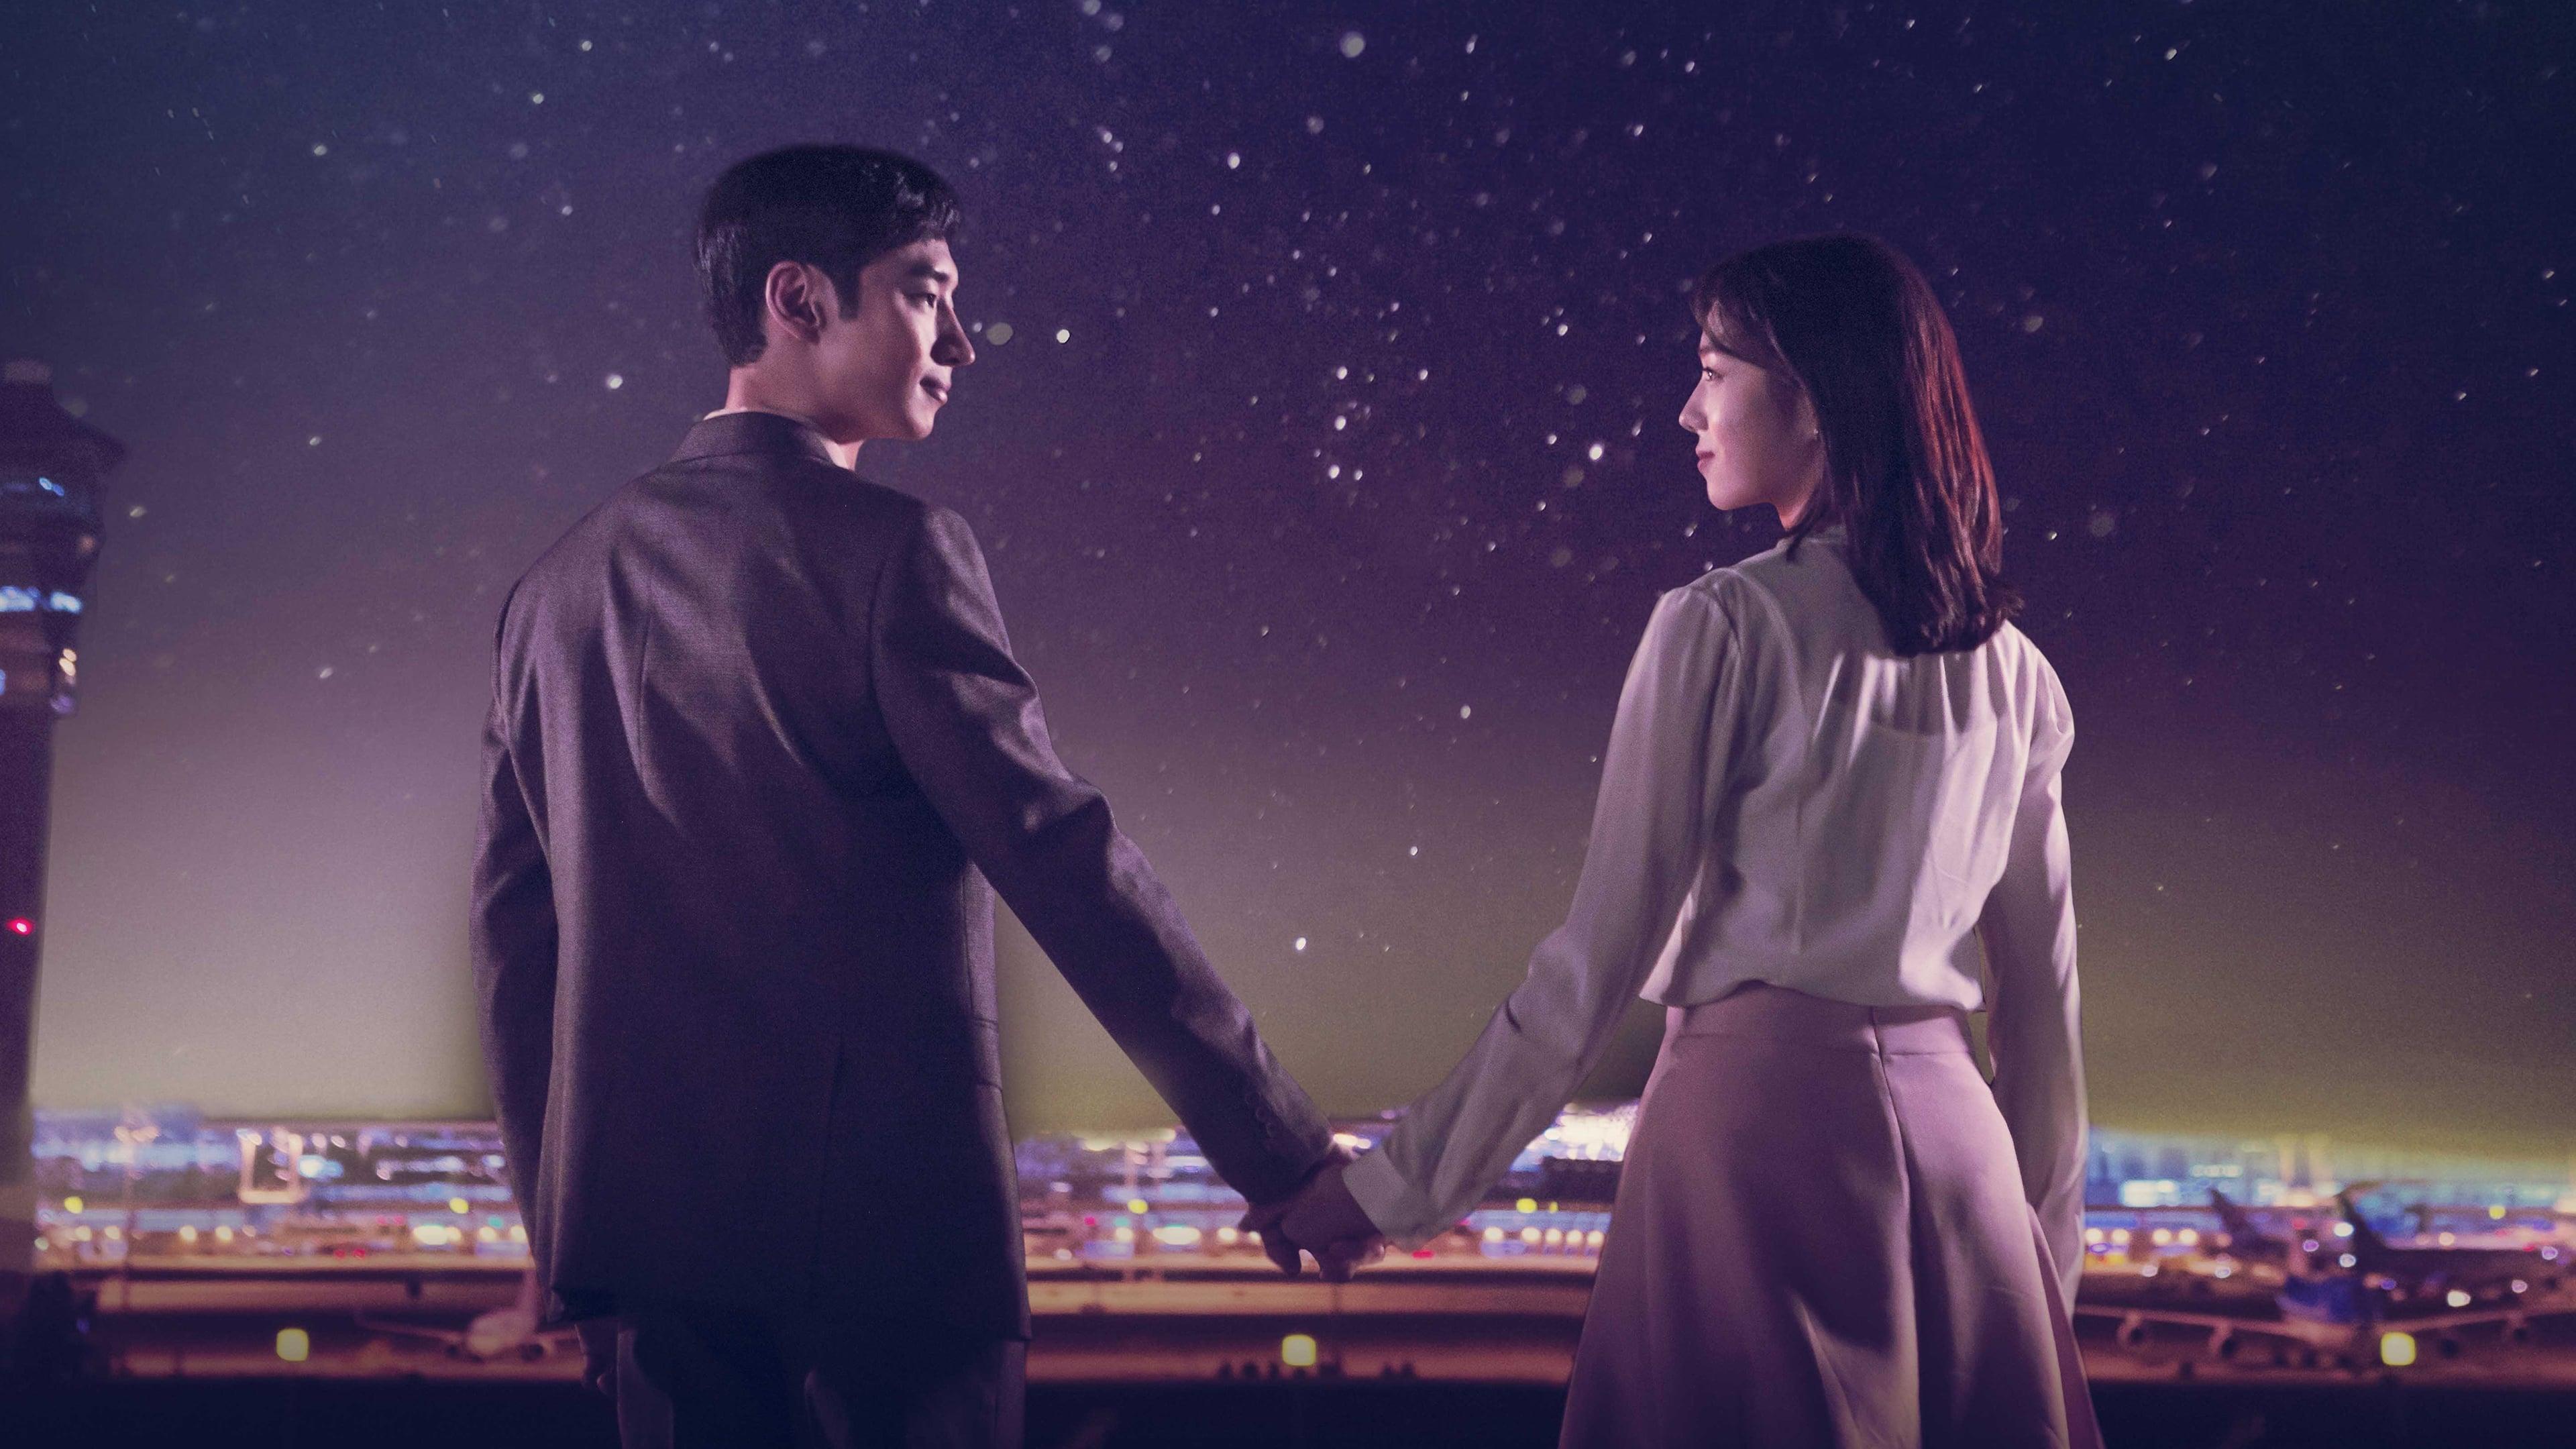 Xem Phim Nơi Vì Sao Rơi - Where Stars Land Full Vietsub | Thuyết Minh HD Online